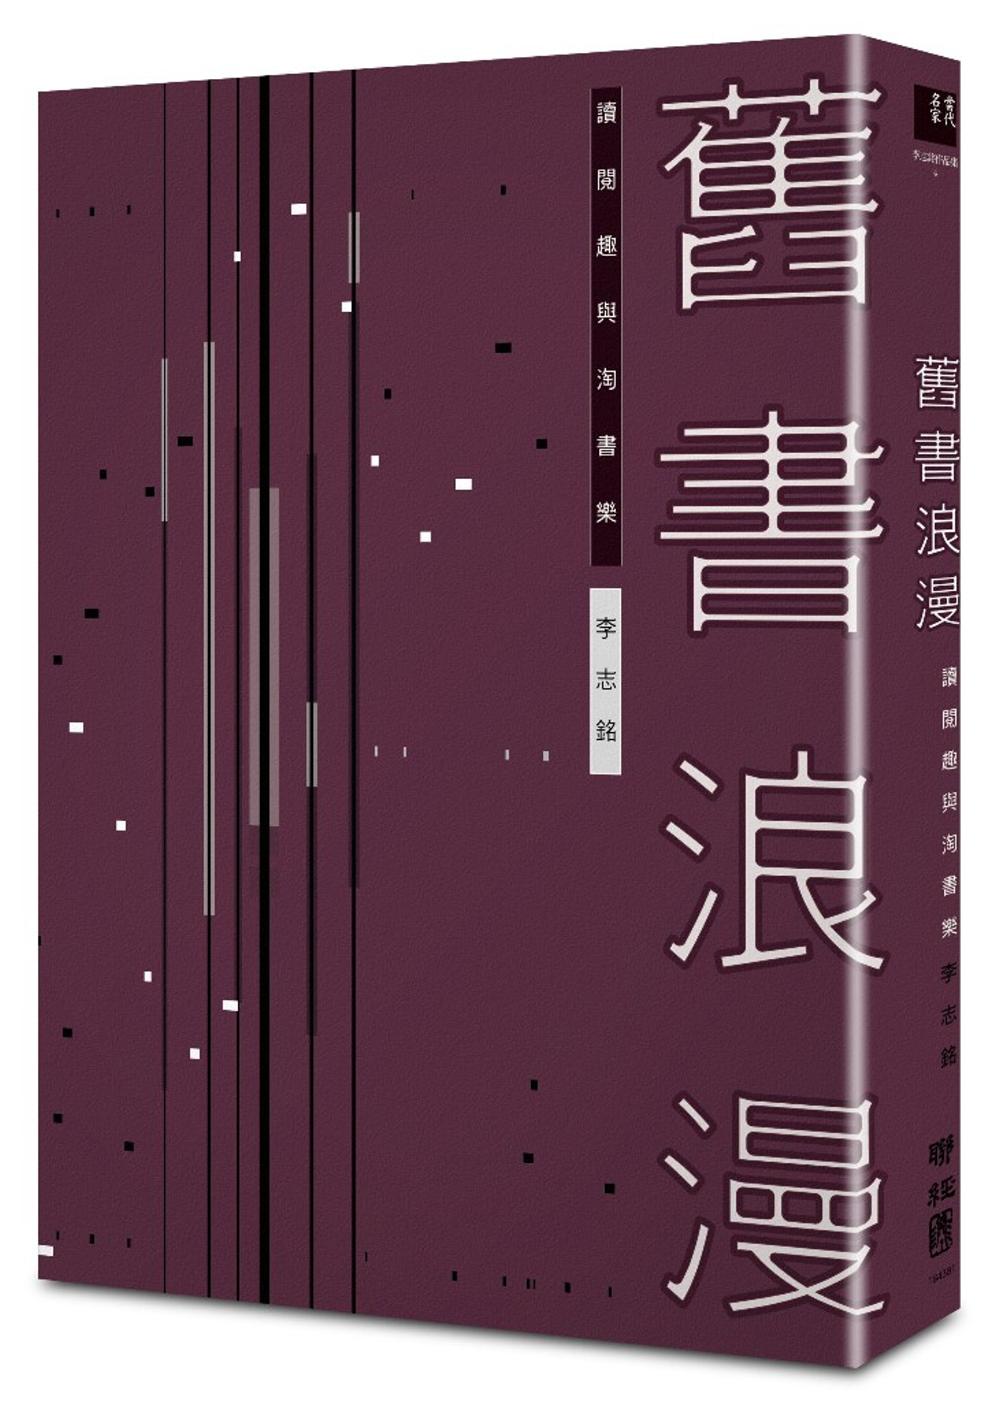 舊書浪漫:讀閱趣與淘書樂 (平裝)